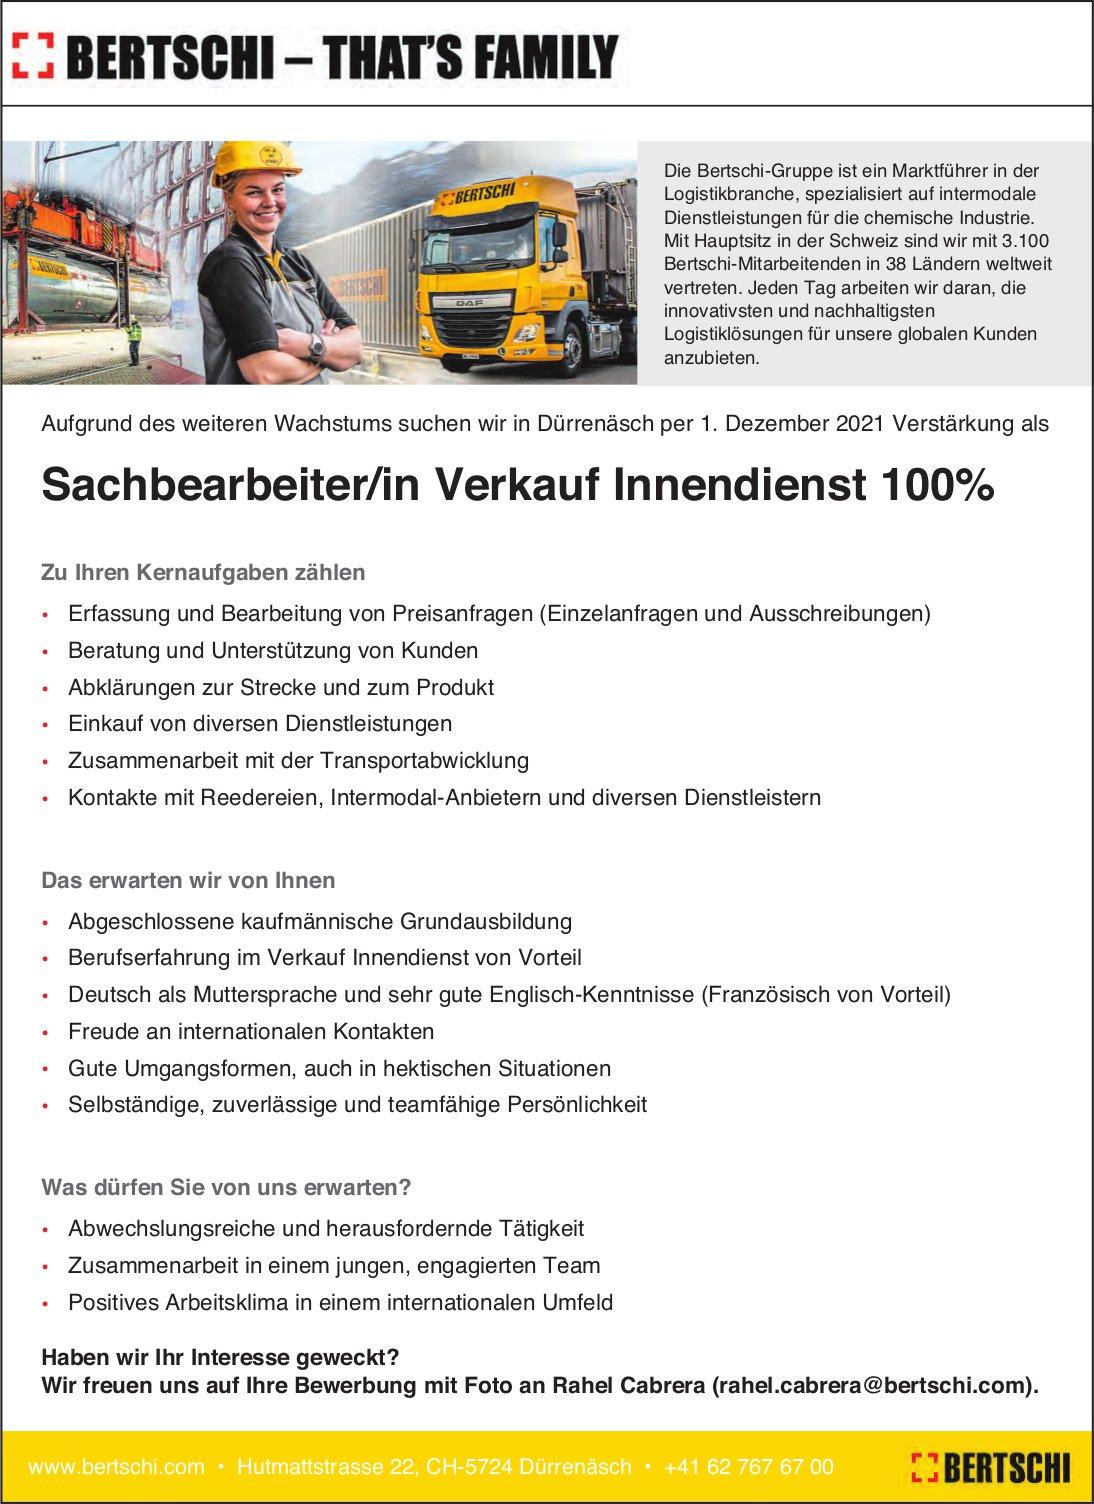 Sachbearbeiter/in Verkauf Innendienst 100%, Bertschi, Dürrenäsch, gesucht